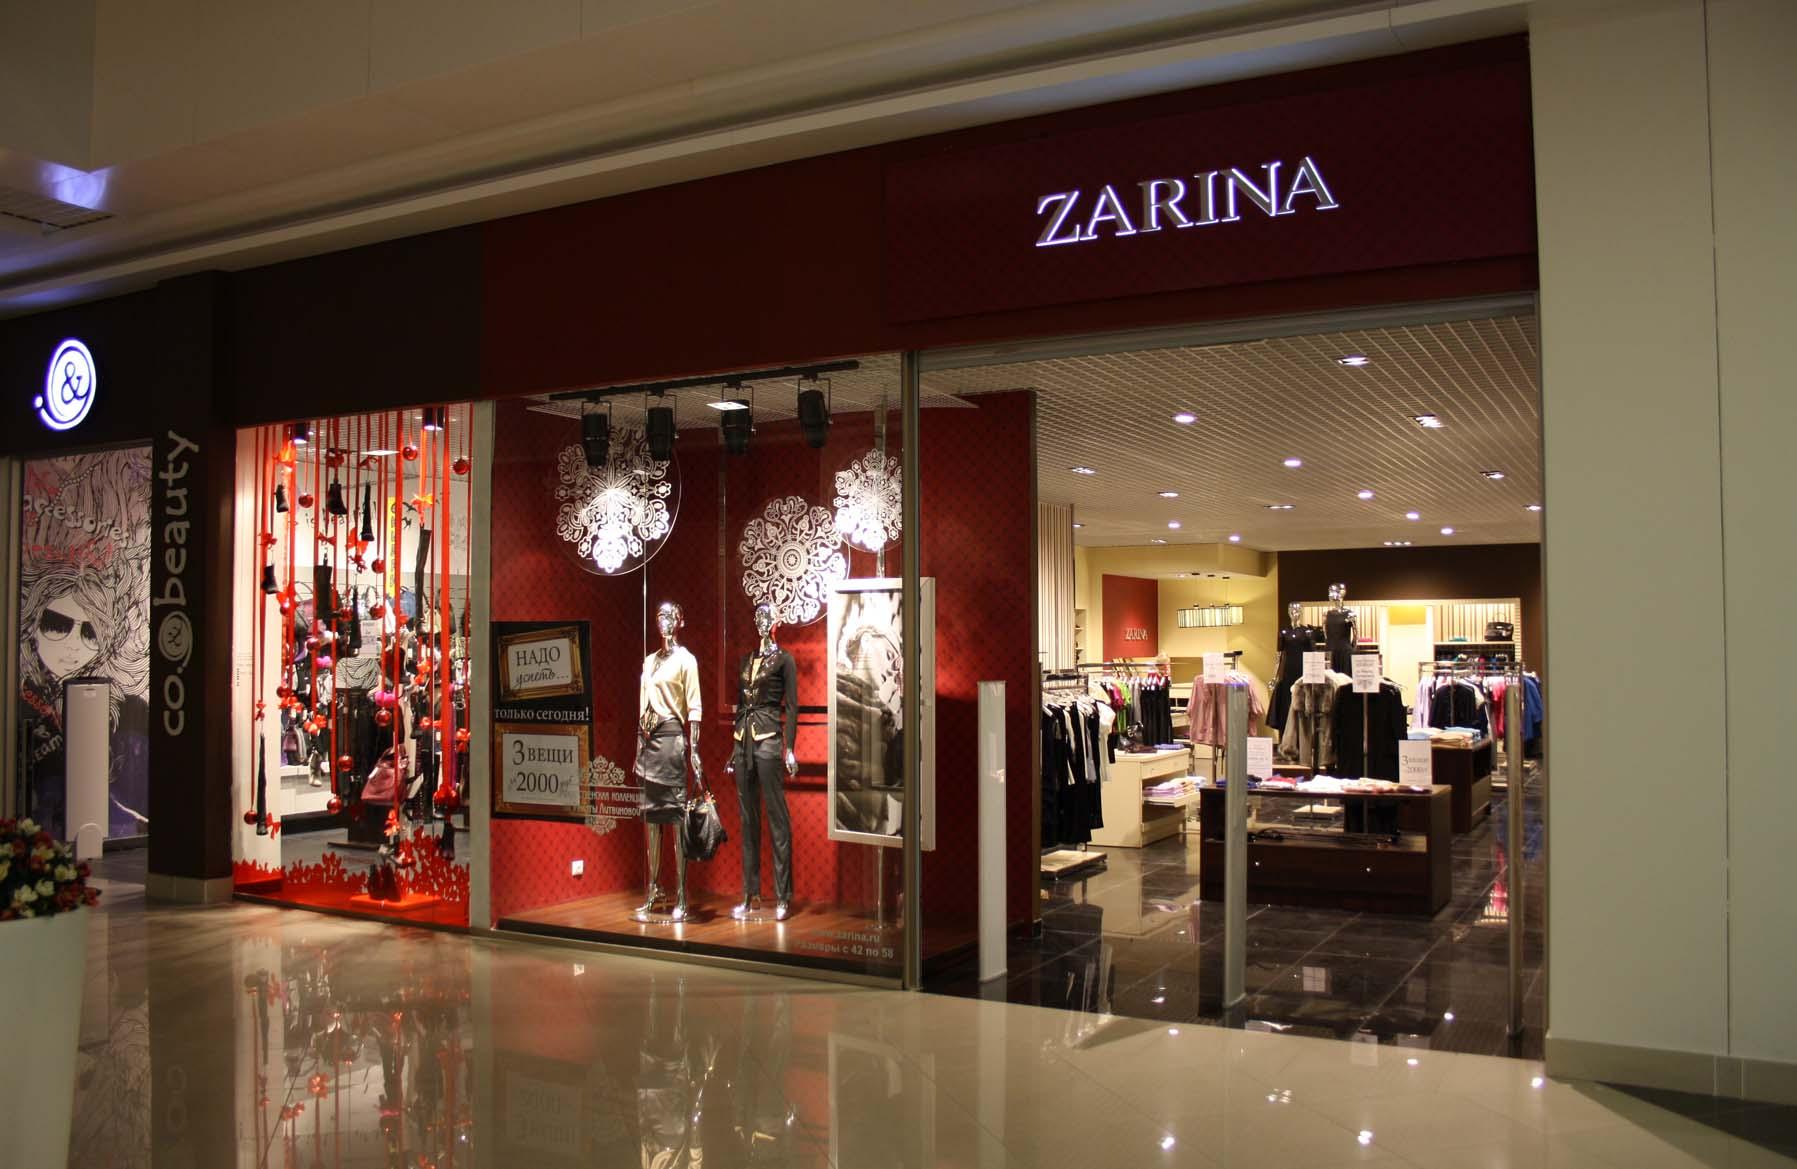 франшиза магазина женской одежды Zarina - цена в 2019 году, отзывы 86232d6f6bd